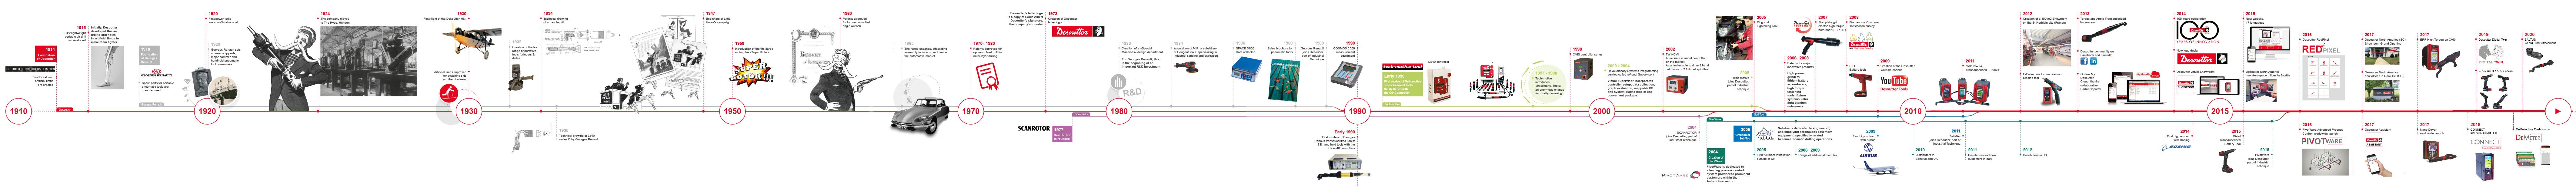 進化し続けるブランドの歴史